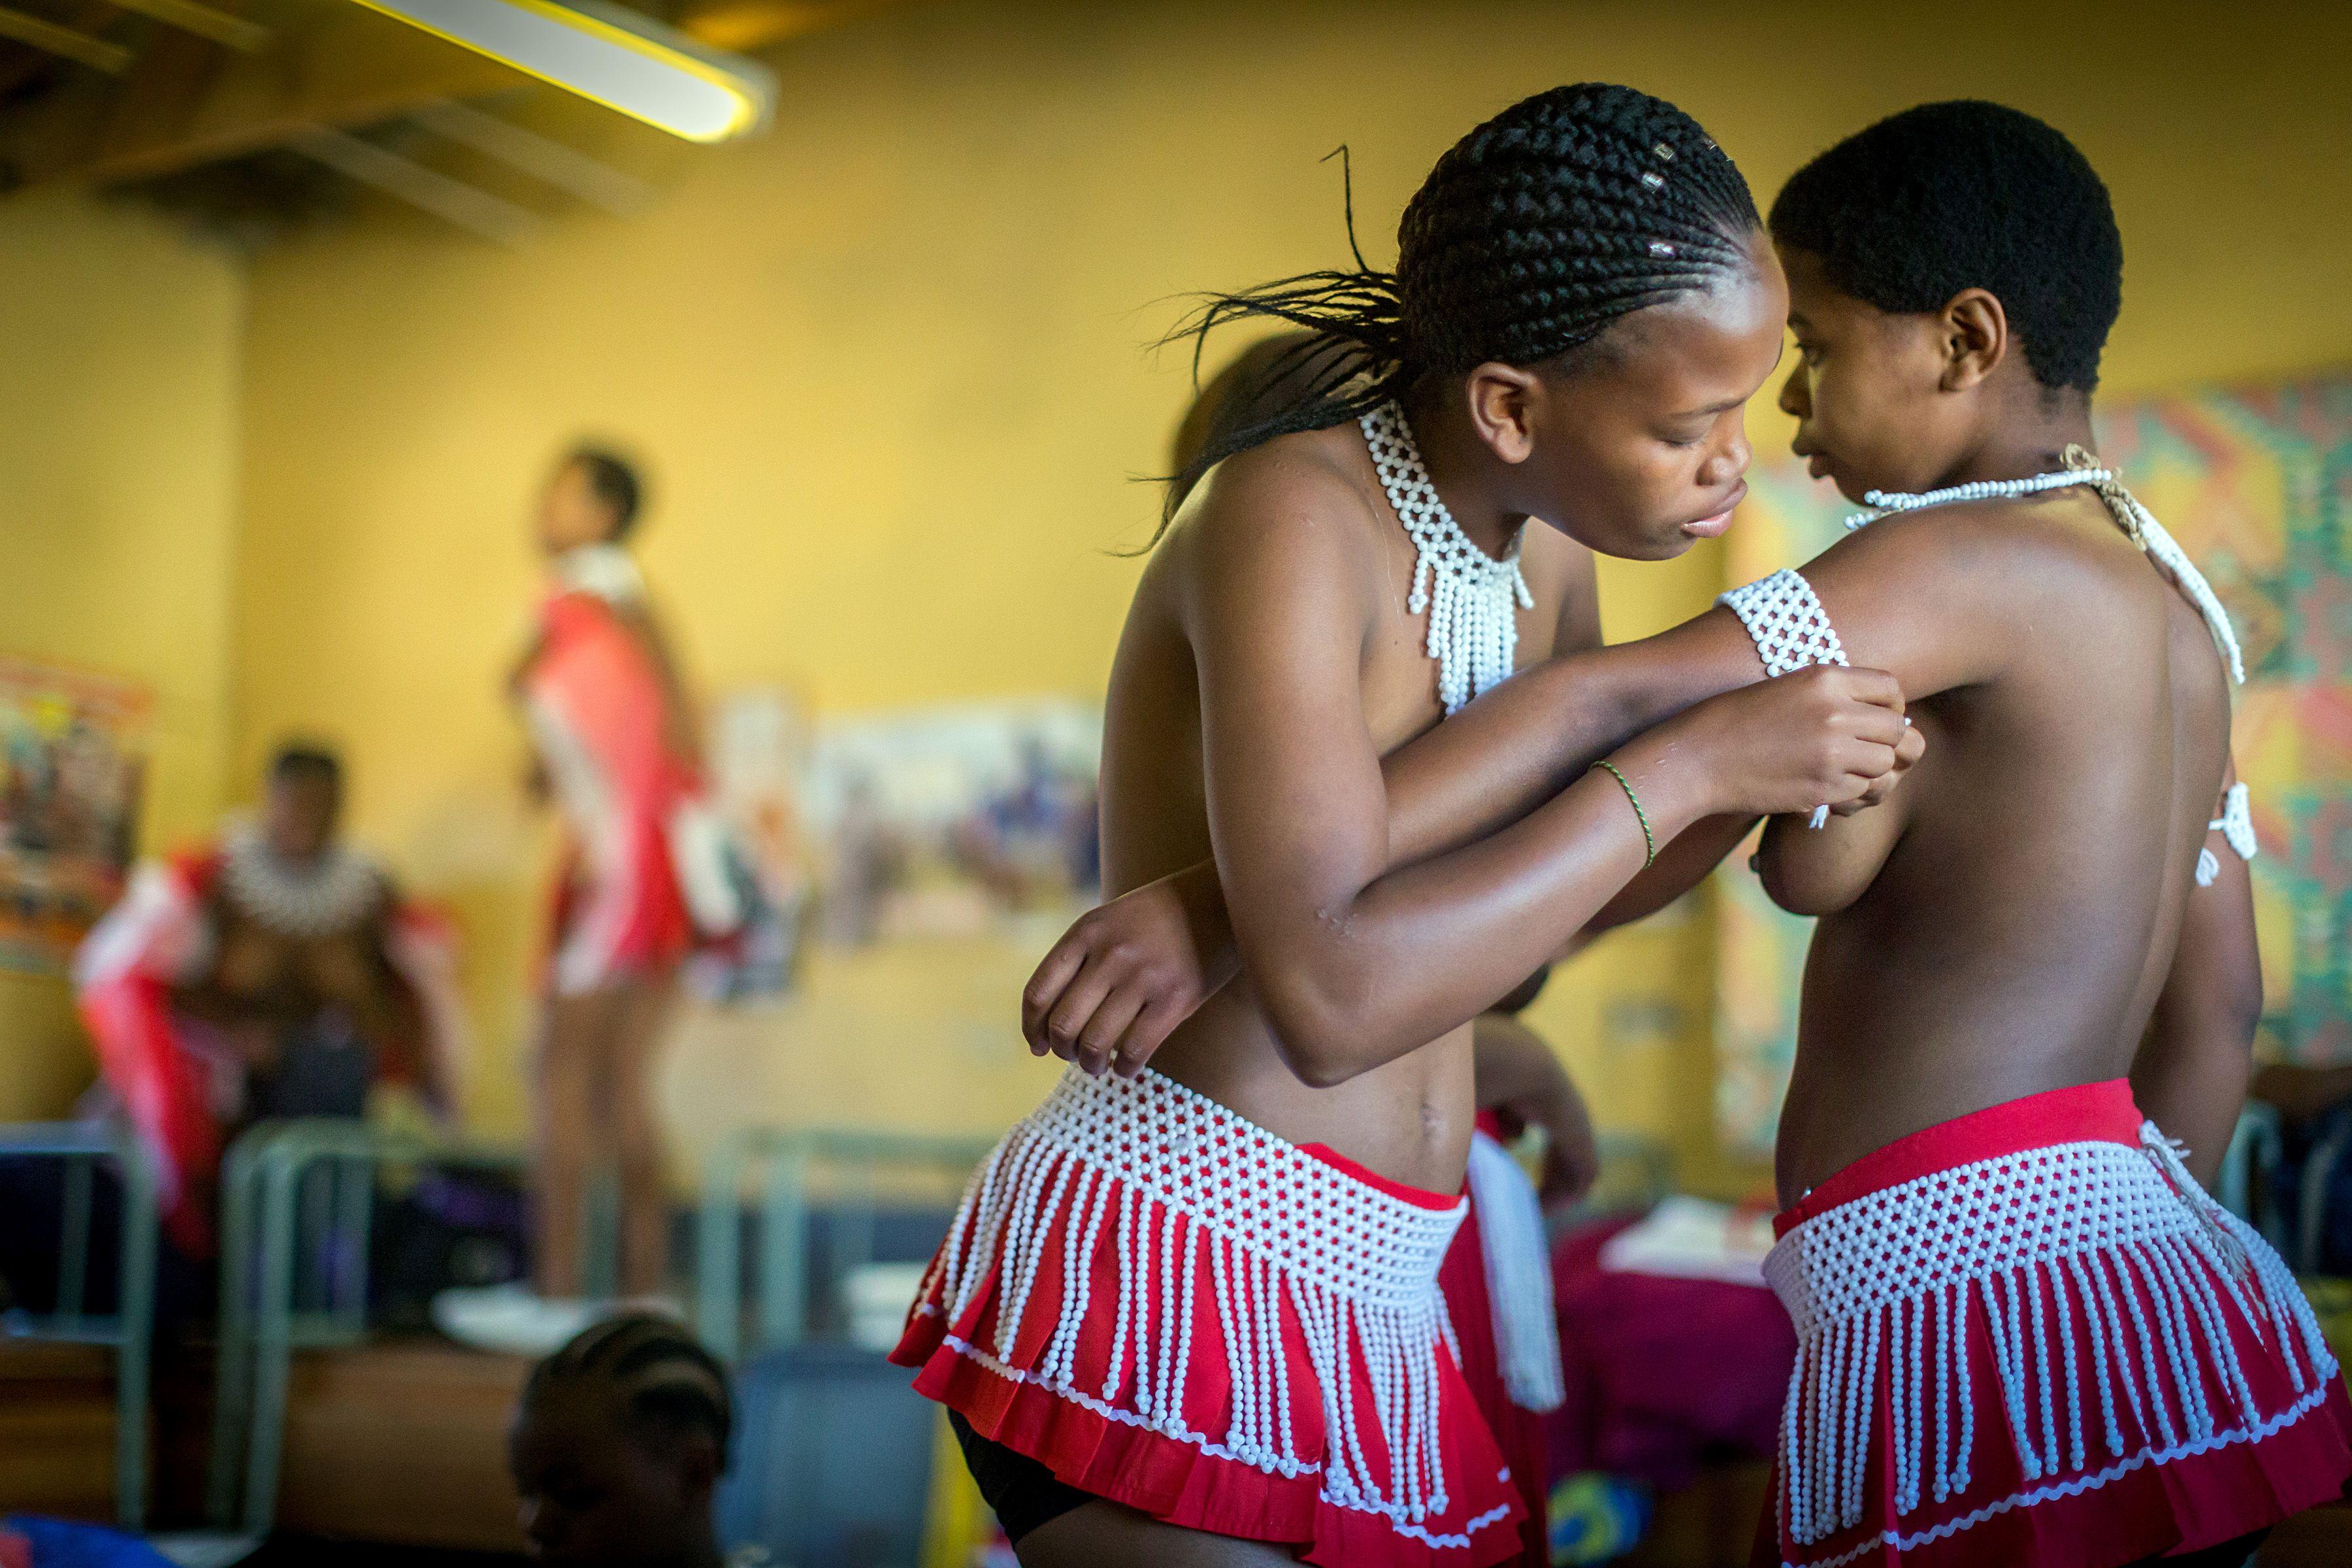 南非祖魯族少女準備參加小型的芒草舞蹈表演。(Getty Images)